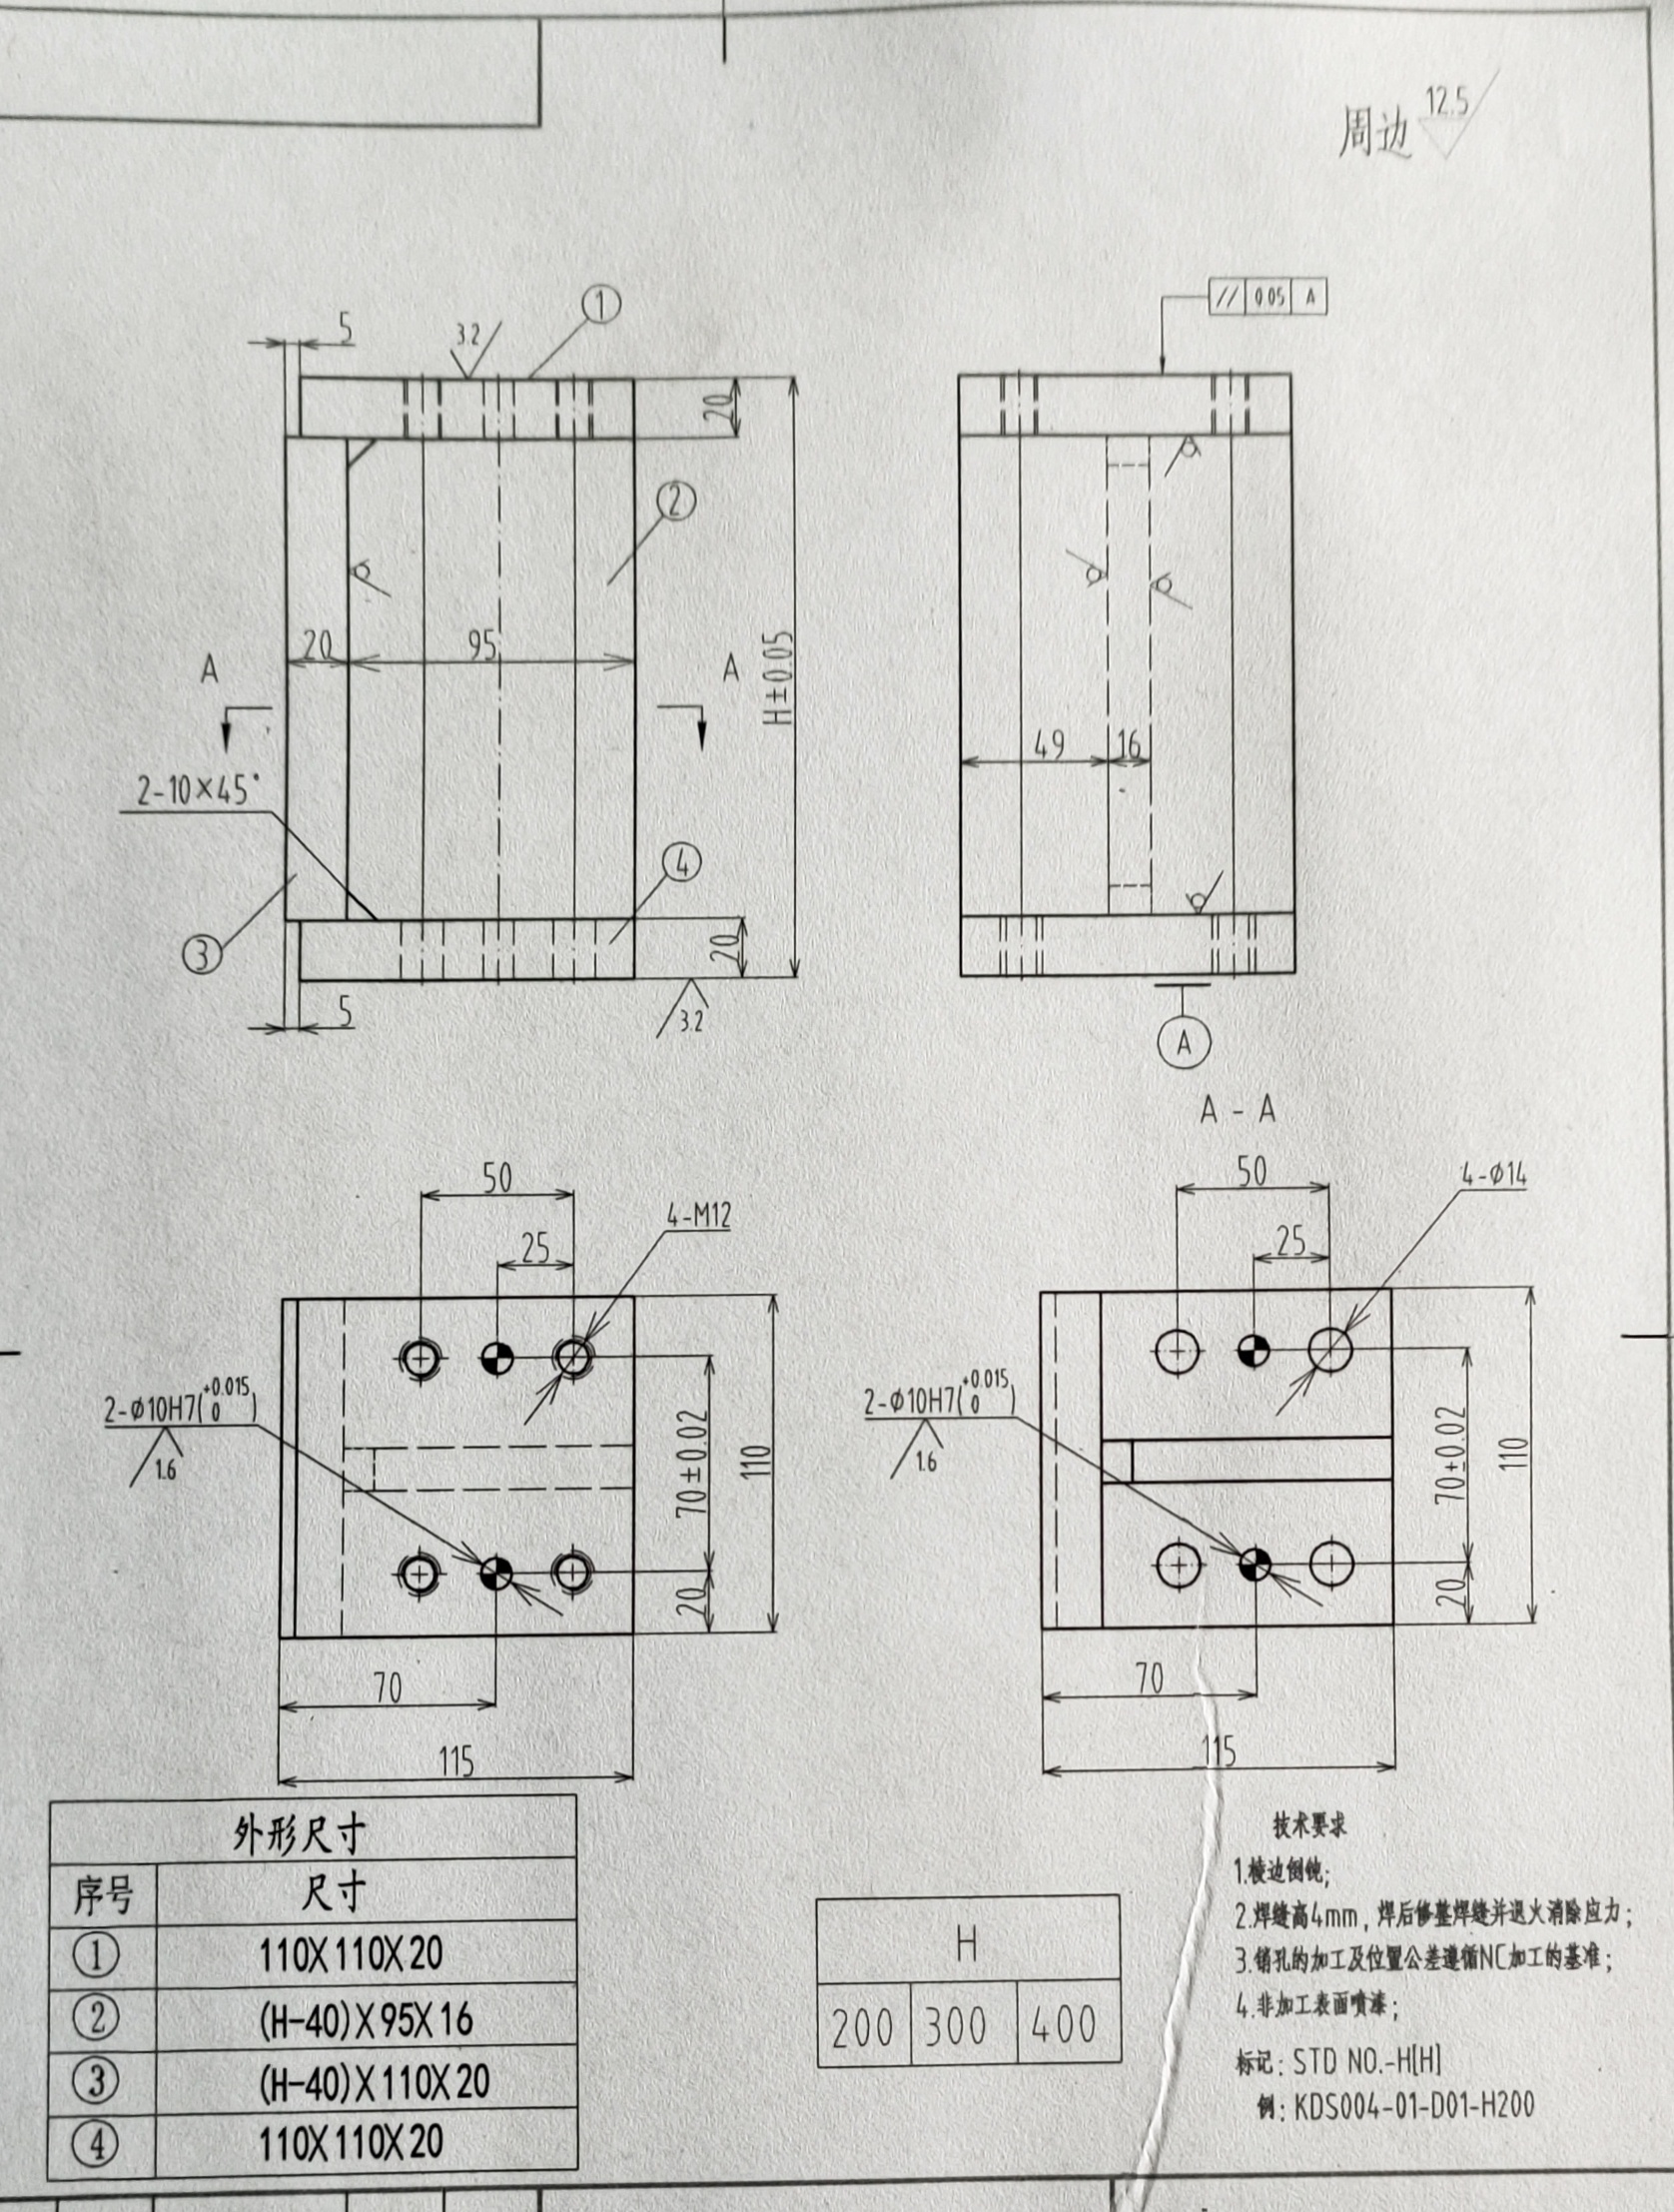 标准 补高台(可定制标准 补高台厂家电话